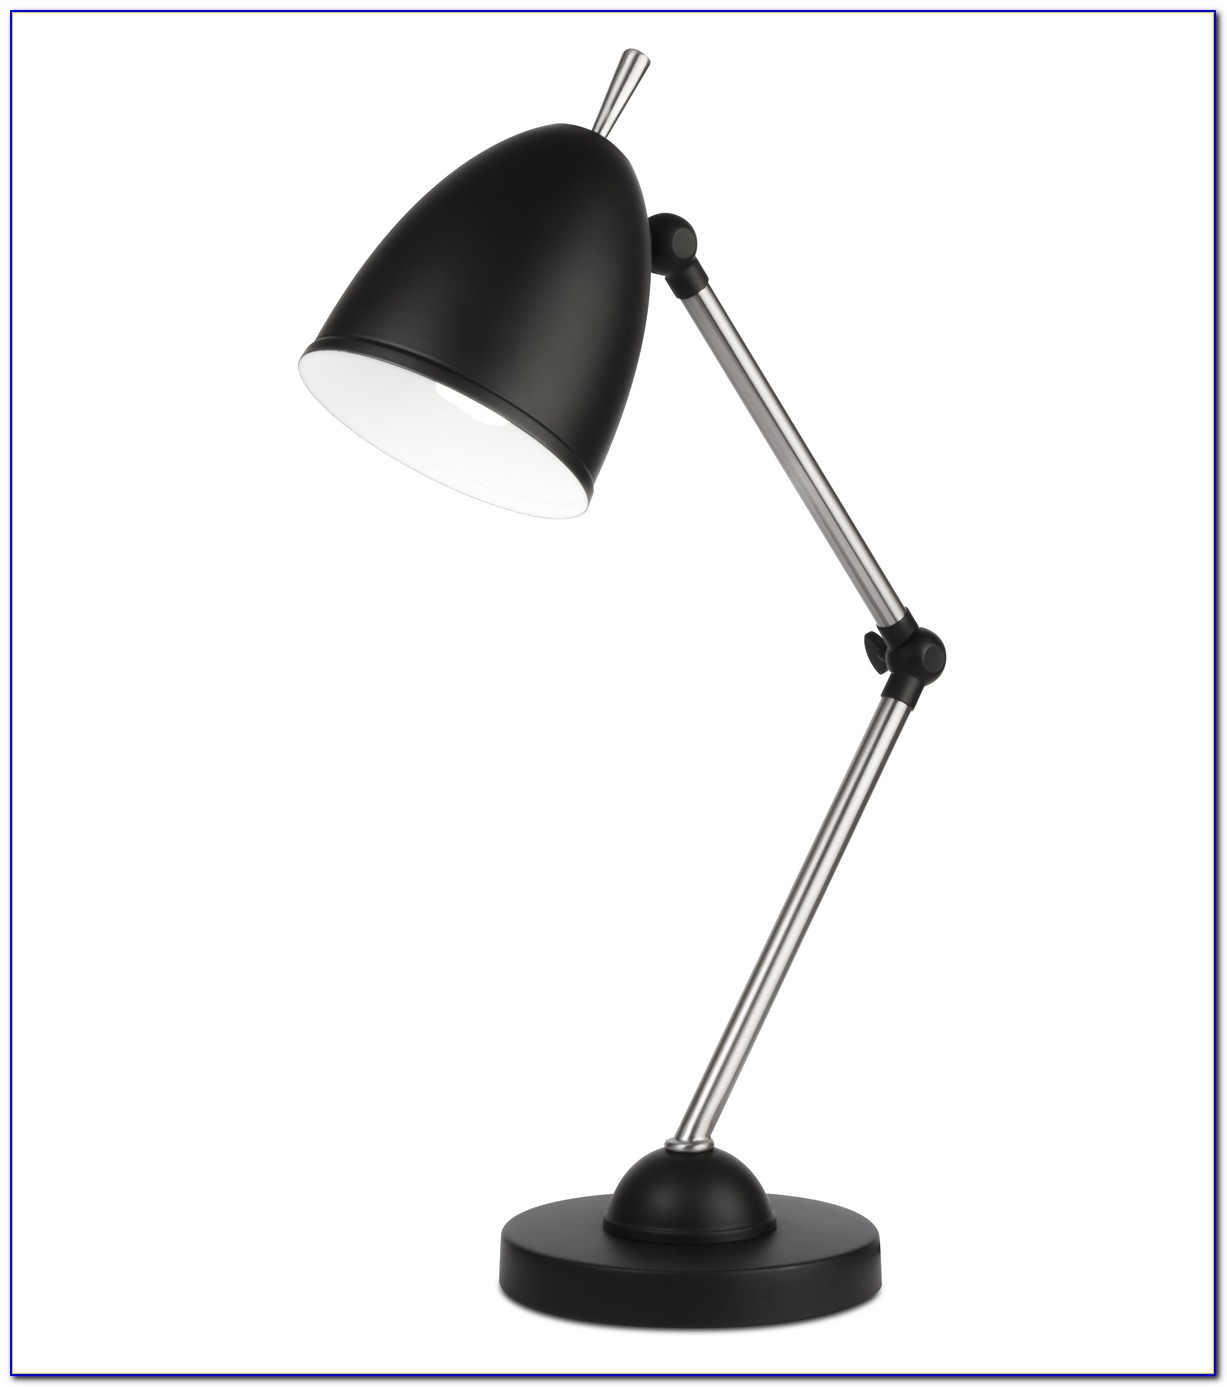 Ottlite Desk Lamp Bulb